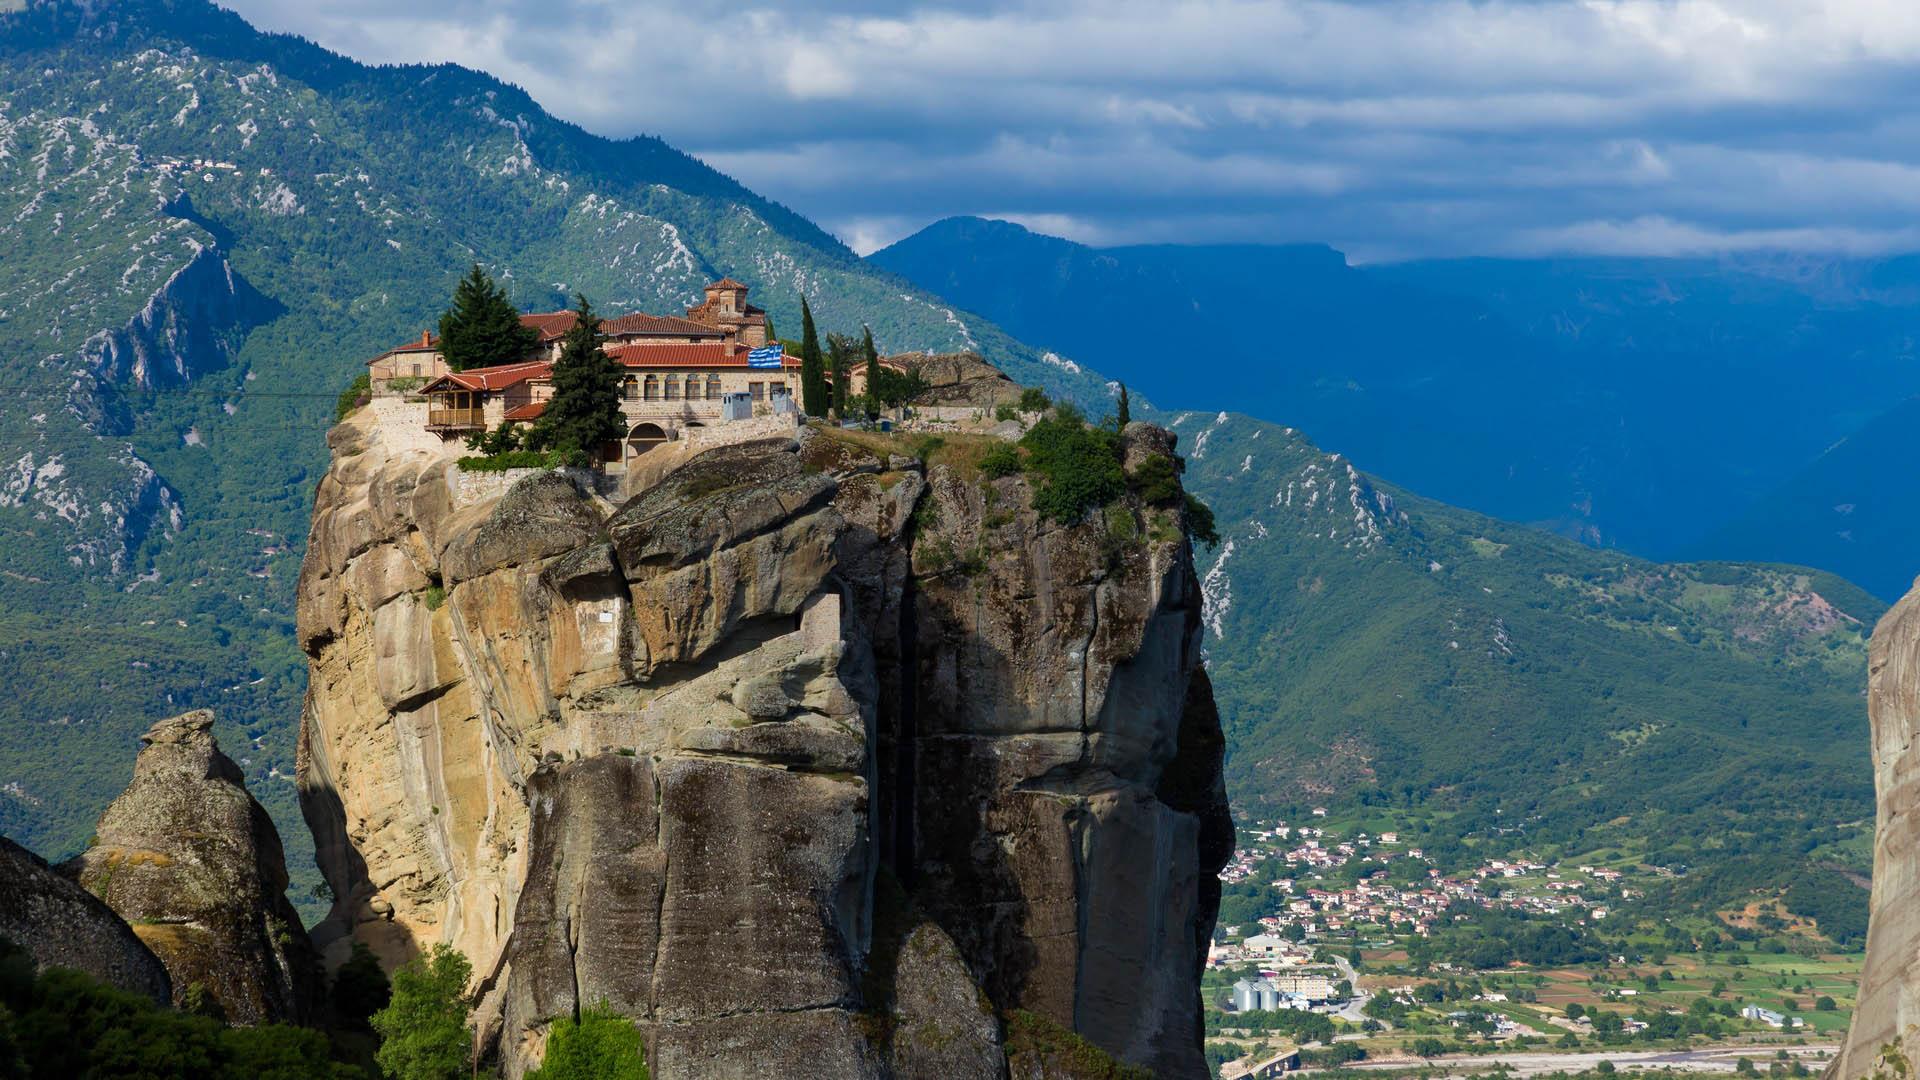 Монастыри Метеоры в Греции. Парящие монастыри на скалах